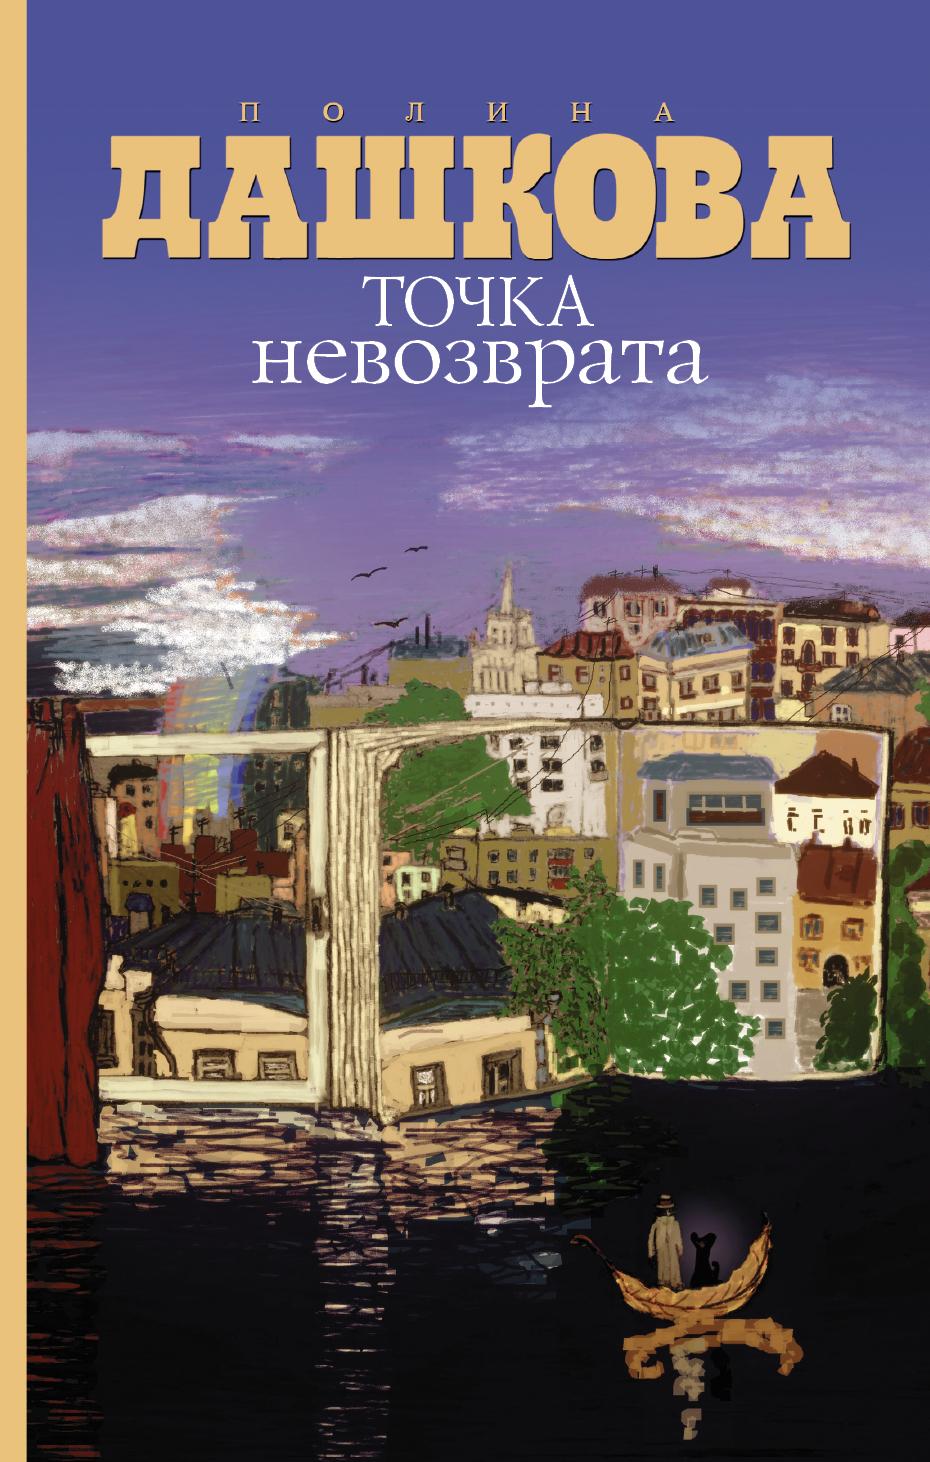 Дашкова П.В. Точка невозврата  дашкова п в источник счастья кн 1 3 точка невозврата комплект из 4 кн в коробке